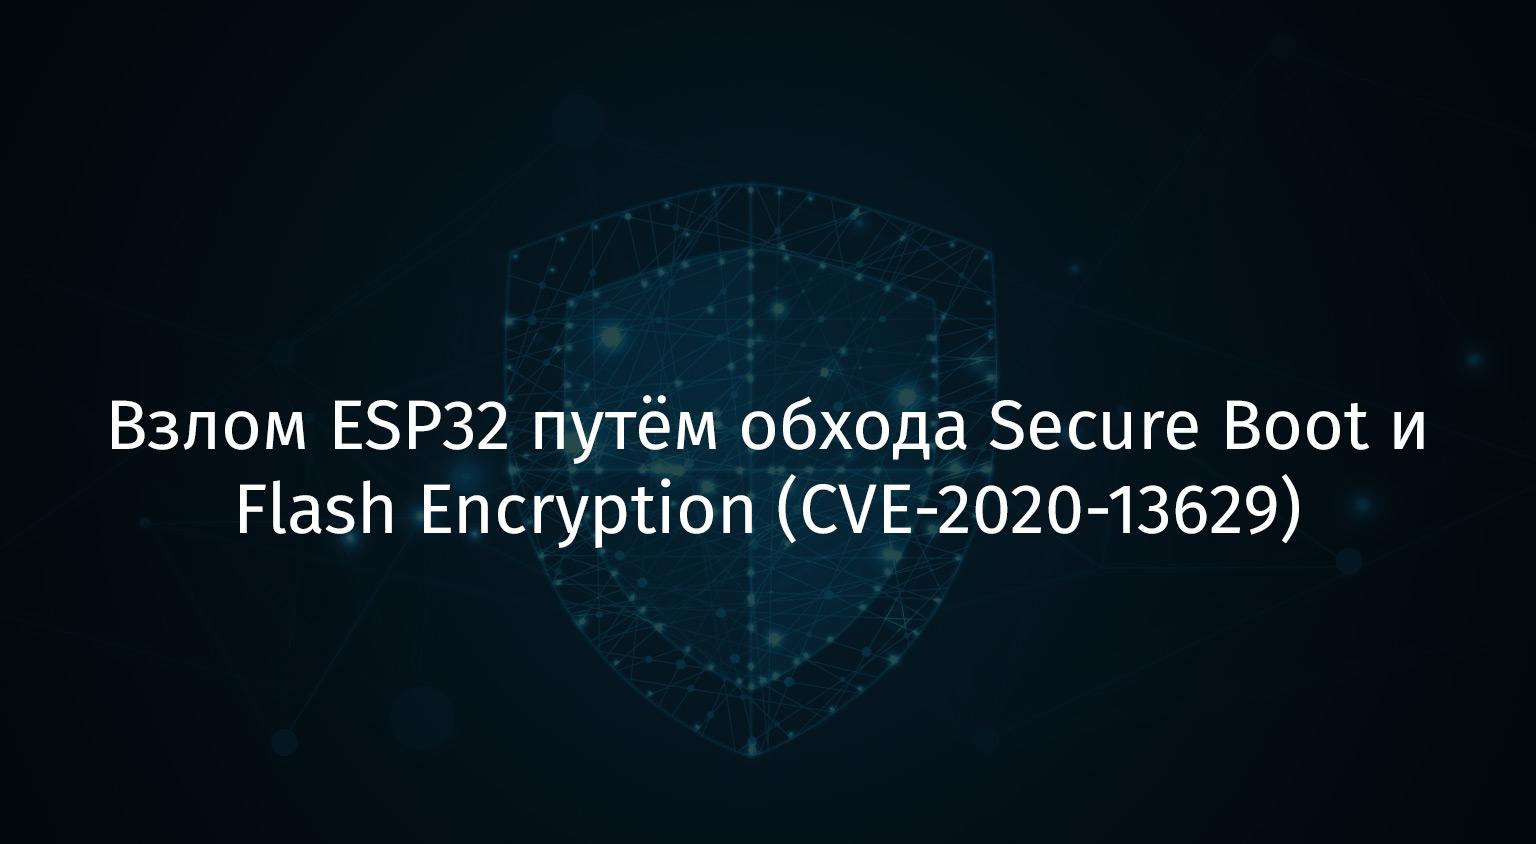 Перевод Взлом ESP32 путём обхода Secure Boot и Flash Encryption (CVE-2020-13629)